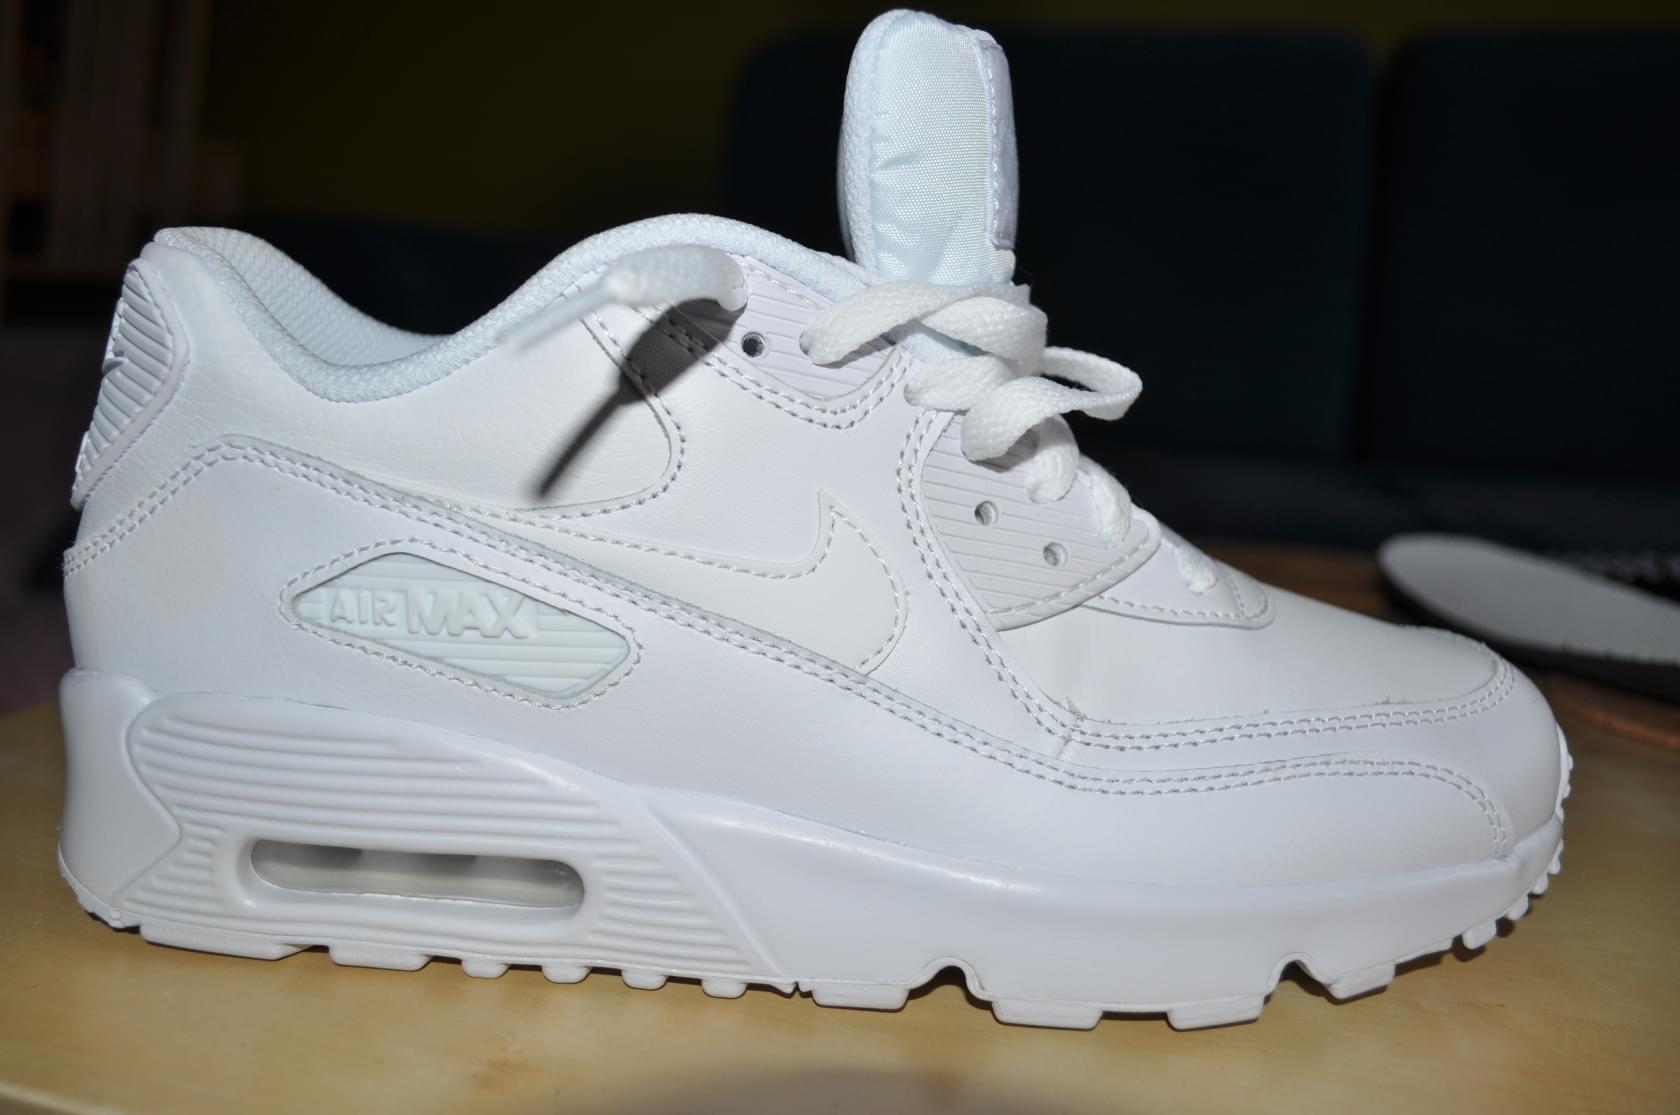 4e66b50f4 Jak rozpoznać podróbki Nike Air Max? - Wszystko o butach